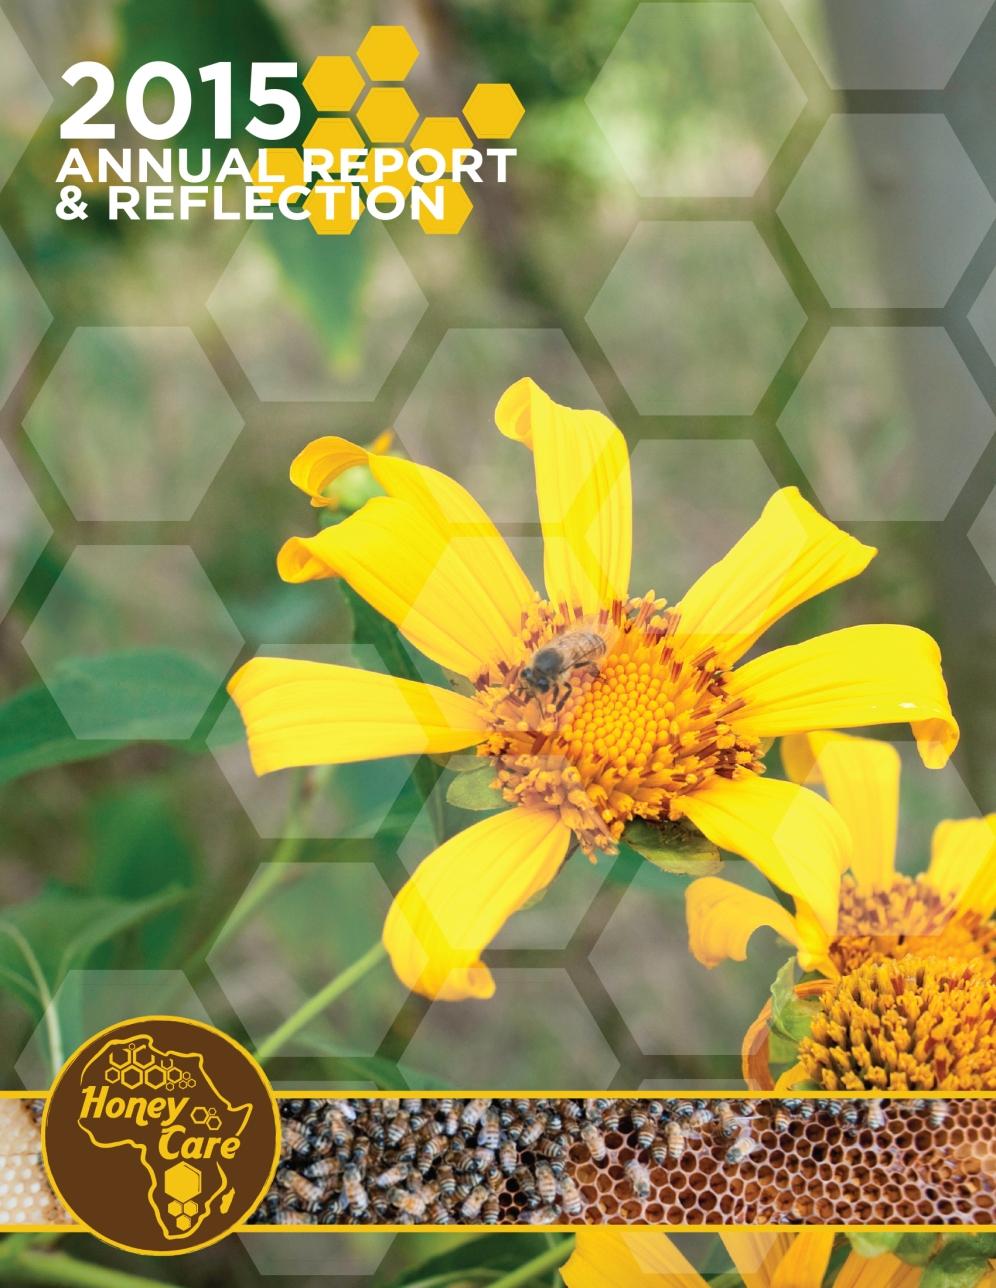 Annual Report Design Honey Care Africa